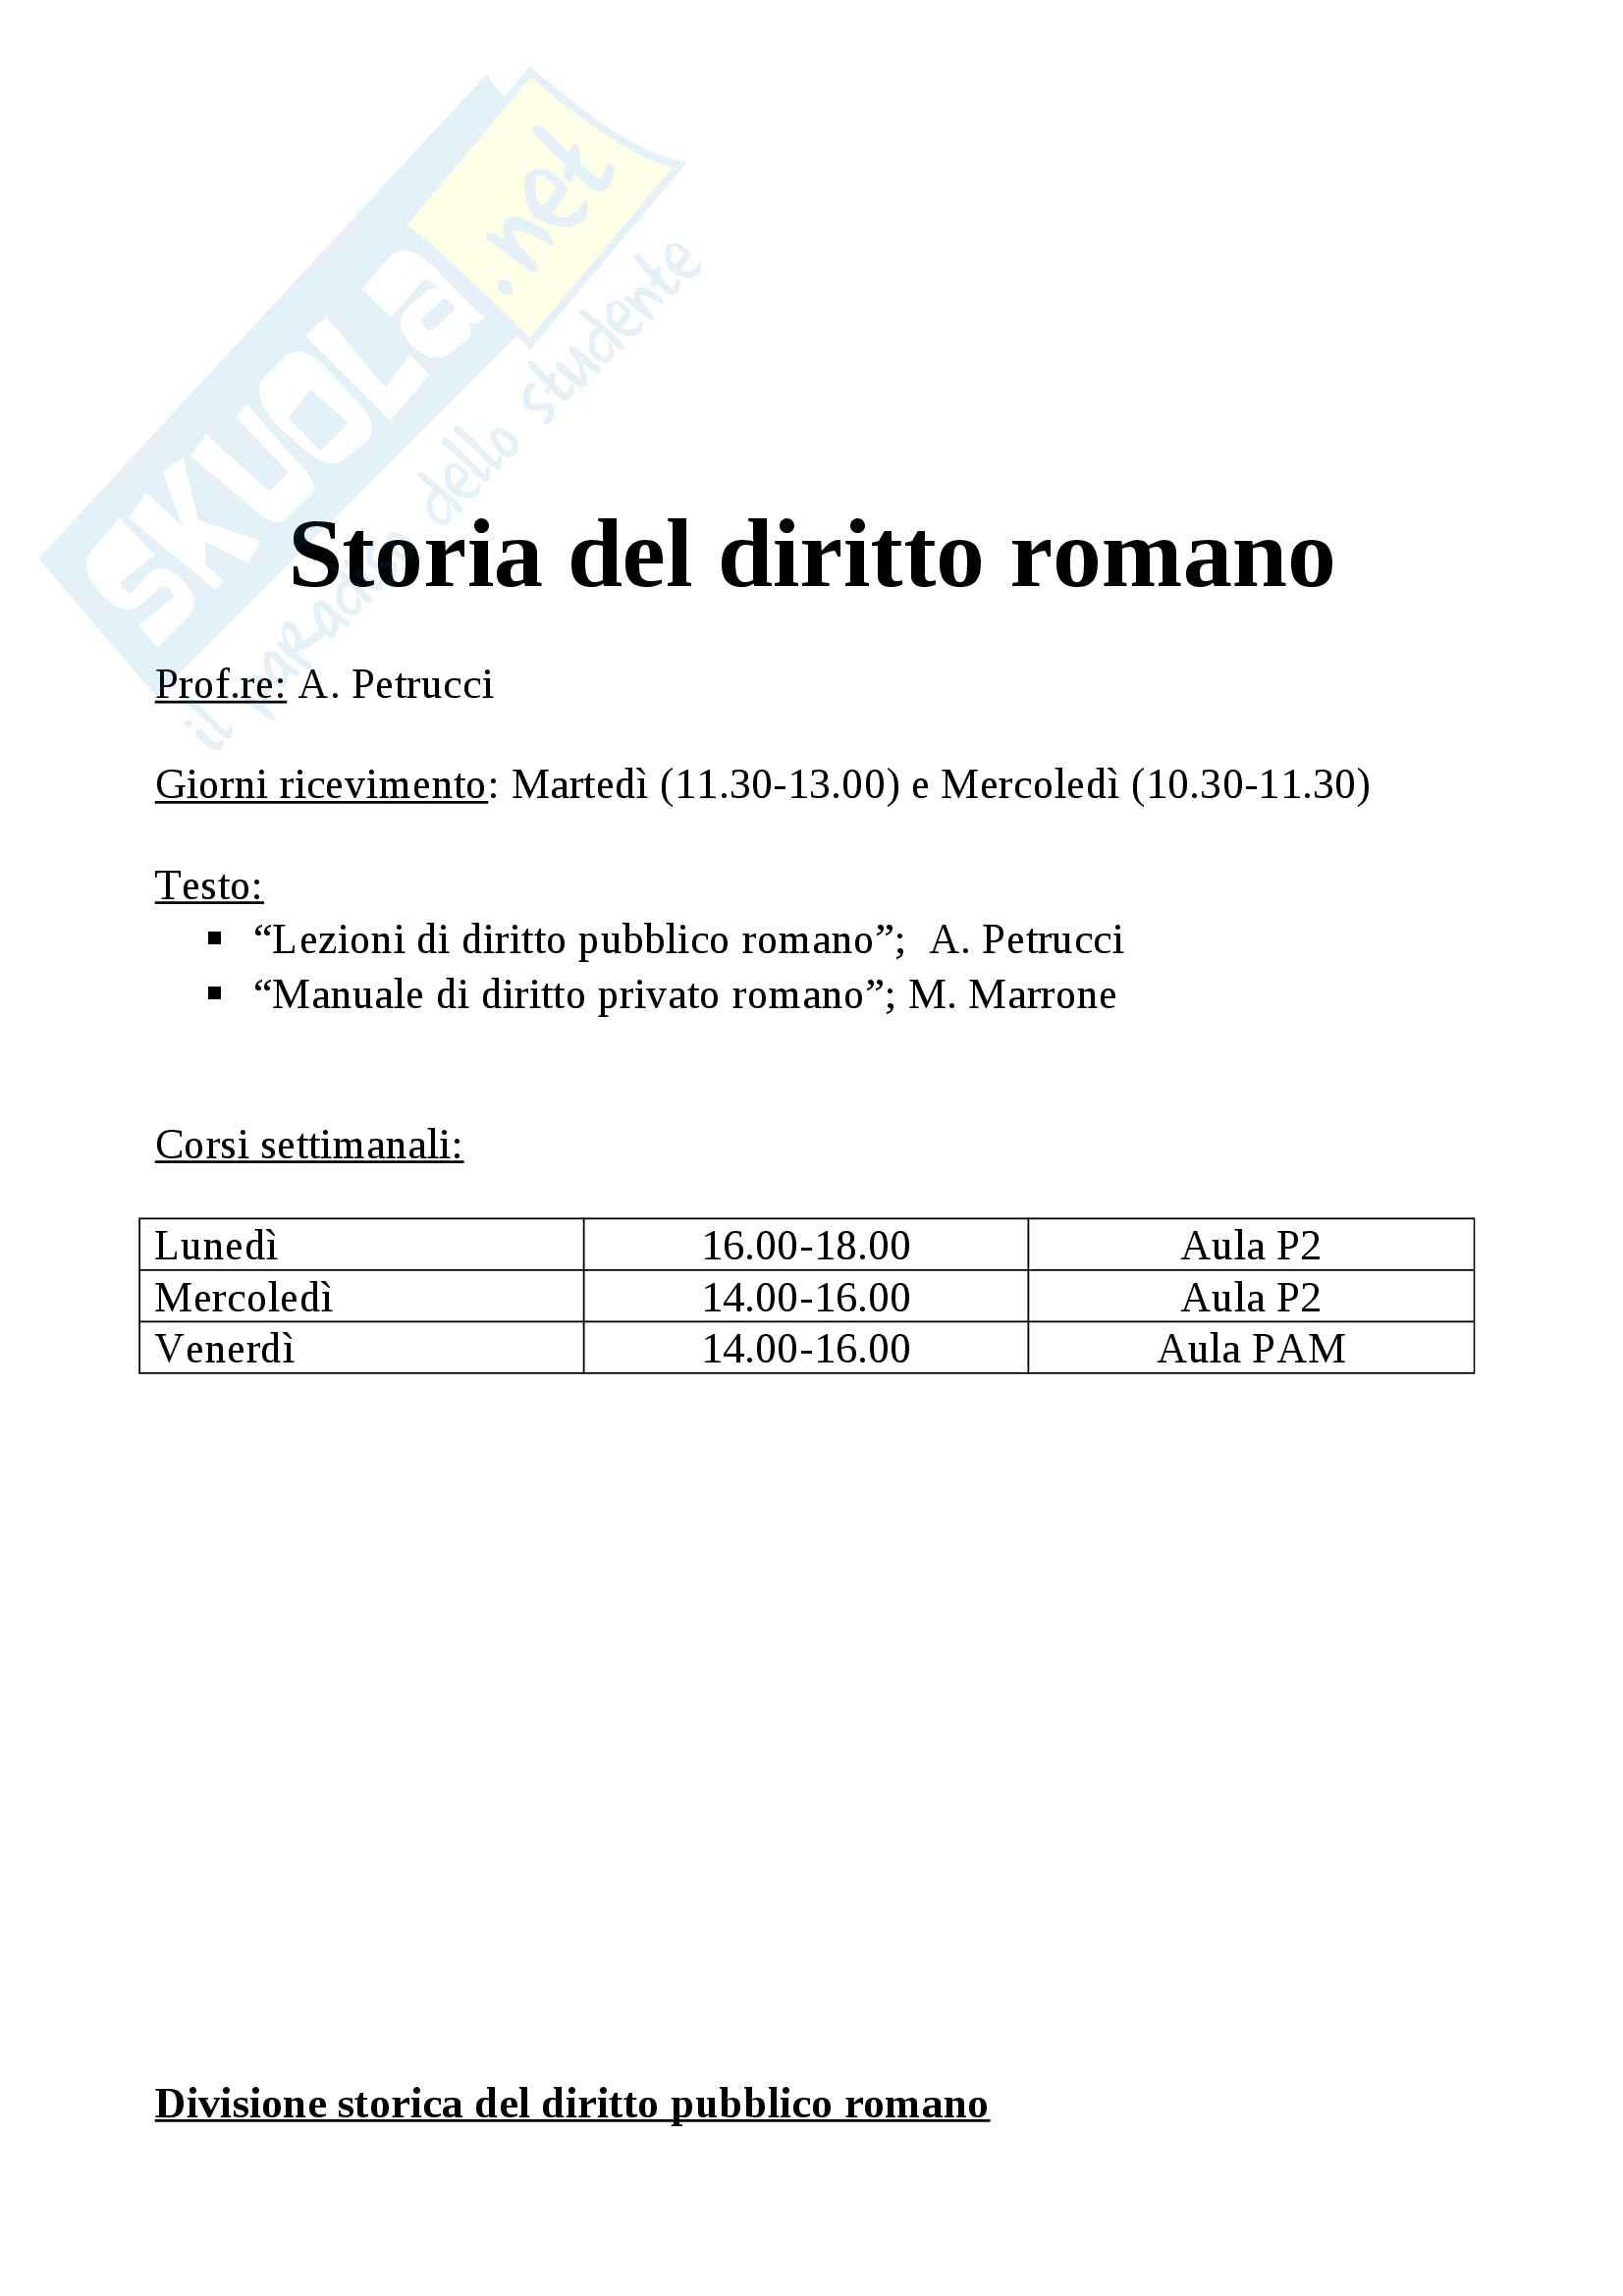 appunto A. Petrucci Storia del diritto romano